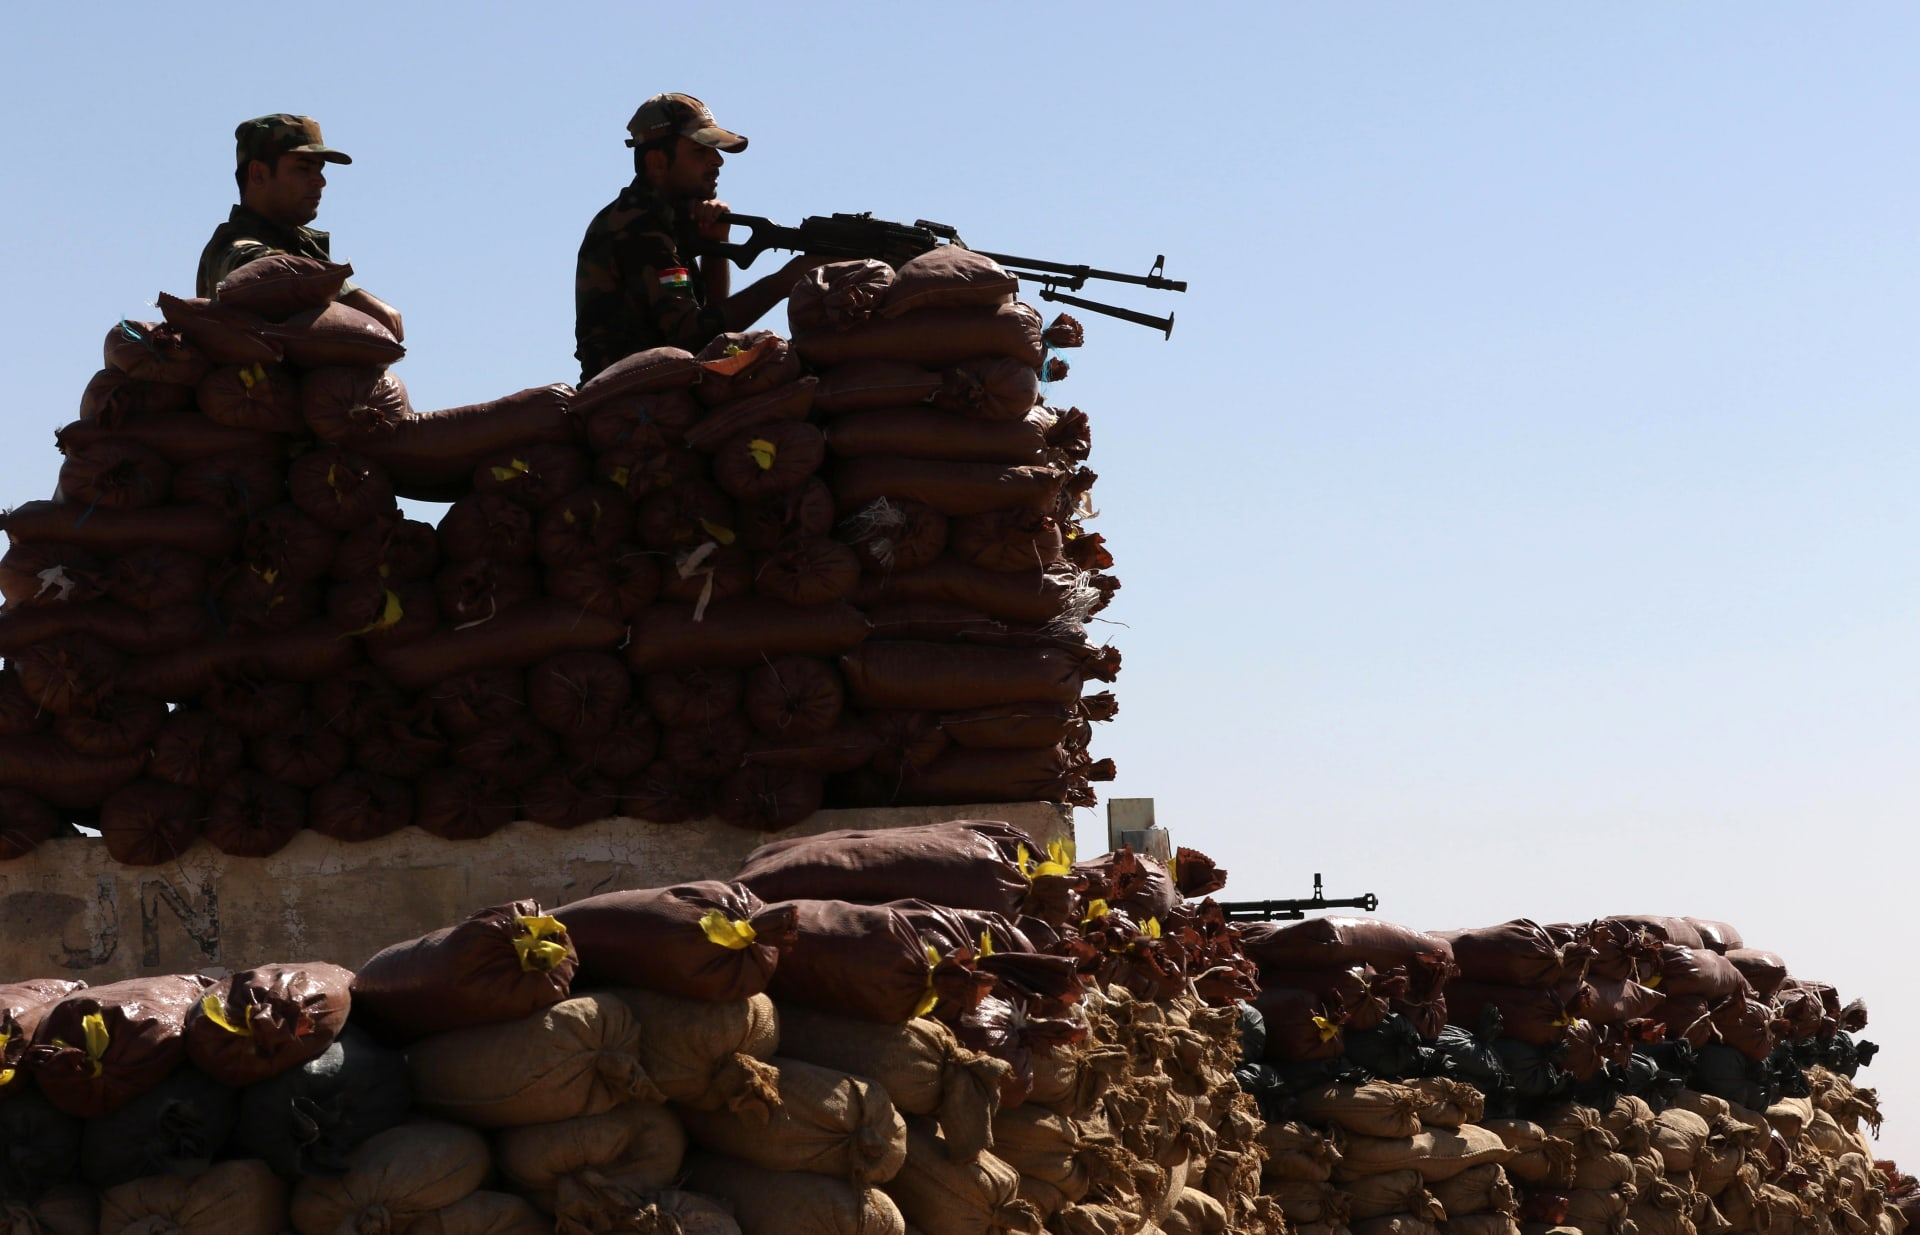 قيادة البشمرغة تكشف تفاصيل مشاركة قواتها في معركة تحرير الموصل.. والعبادي: دقت ساعة التحرر من داعش